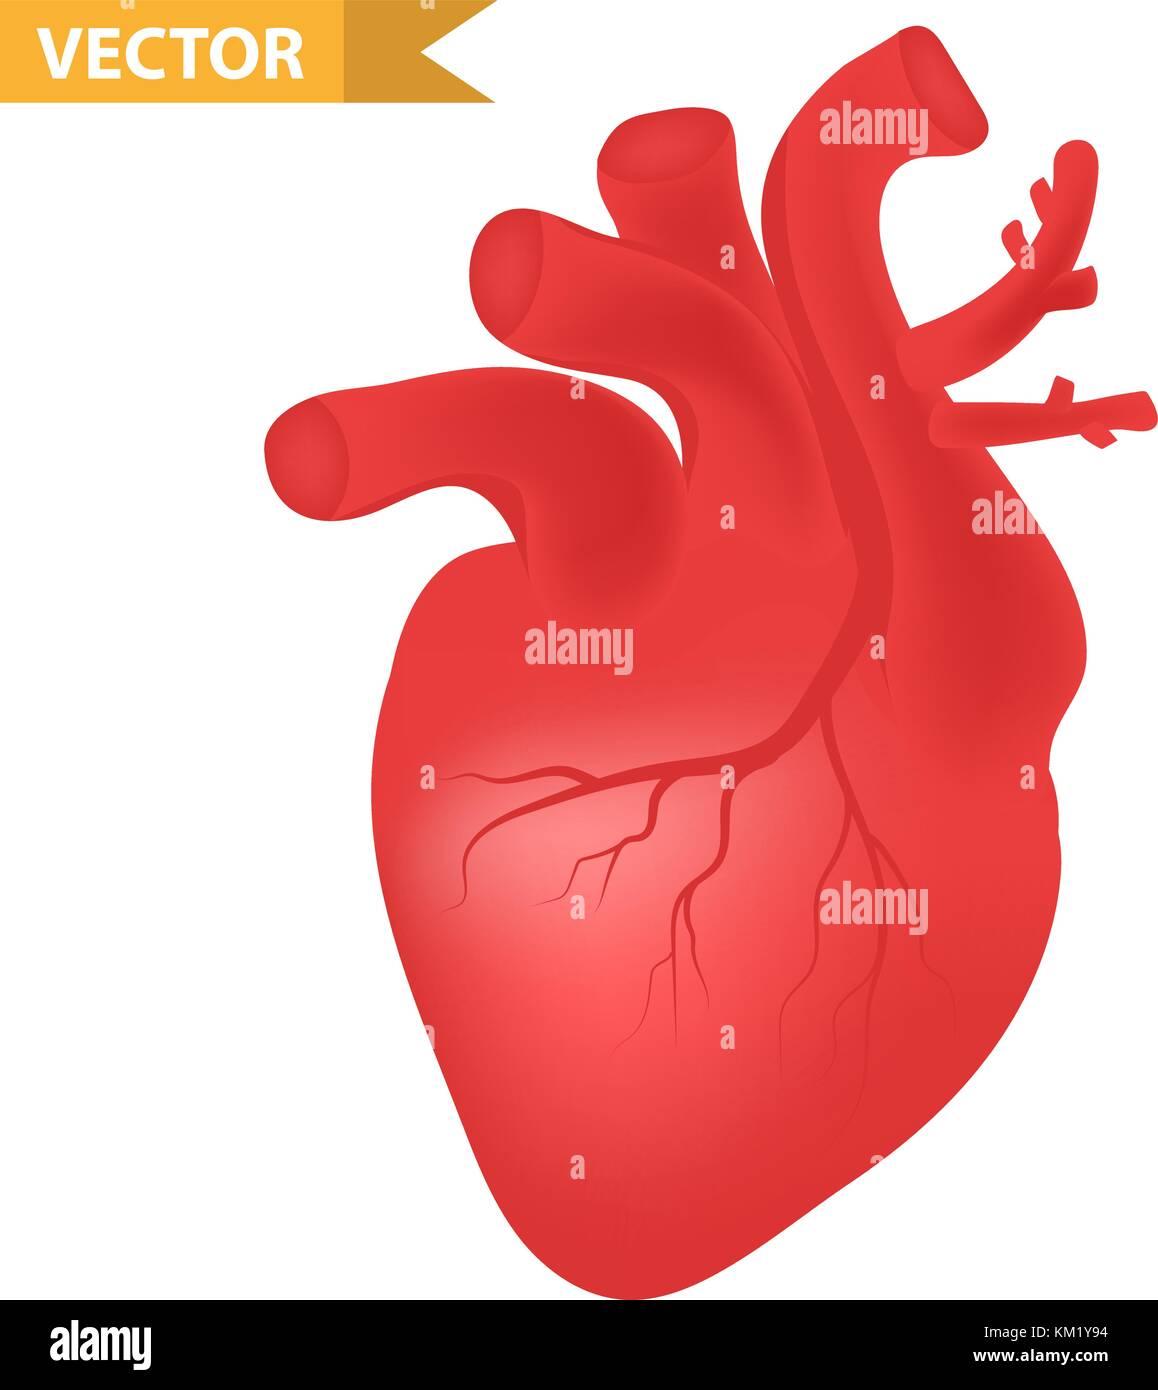 Menschliche Herz Symbol, realistische 3D-Stil. Die inneren Organe ...